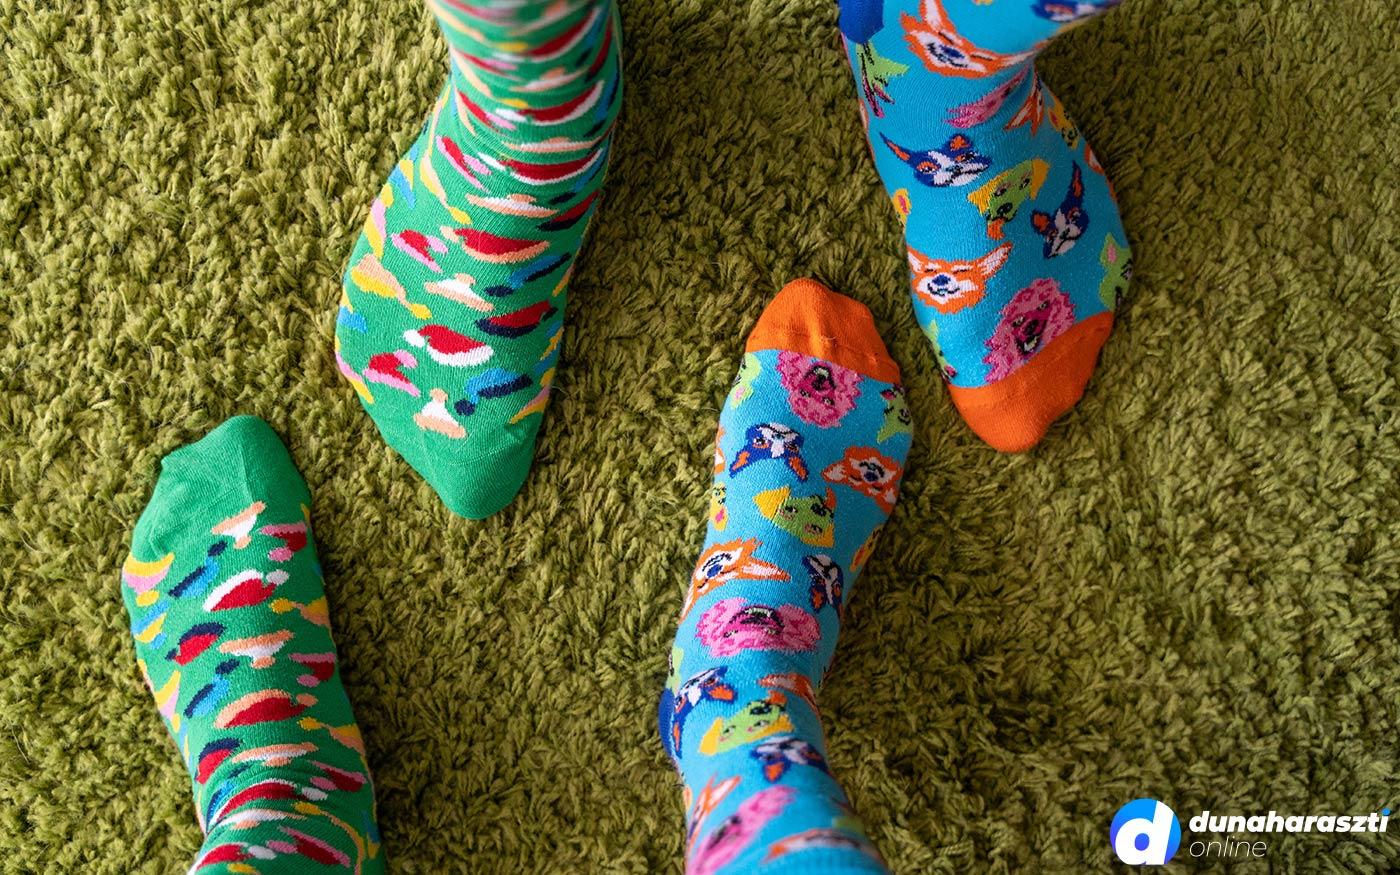 A Down-szindróma világnapja van! Felemás zoknit fel!